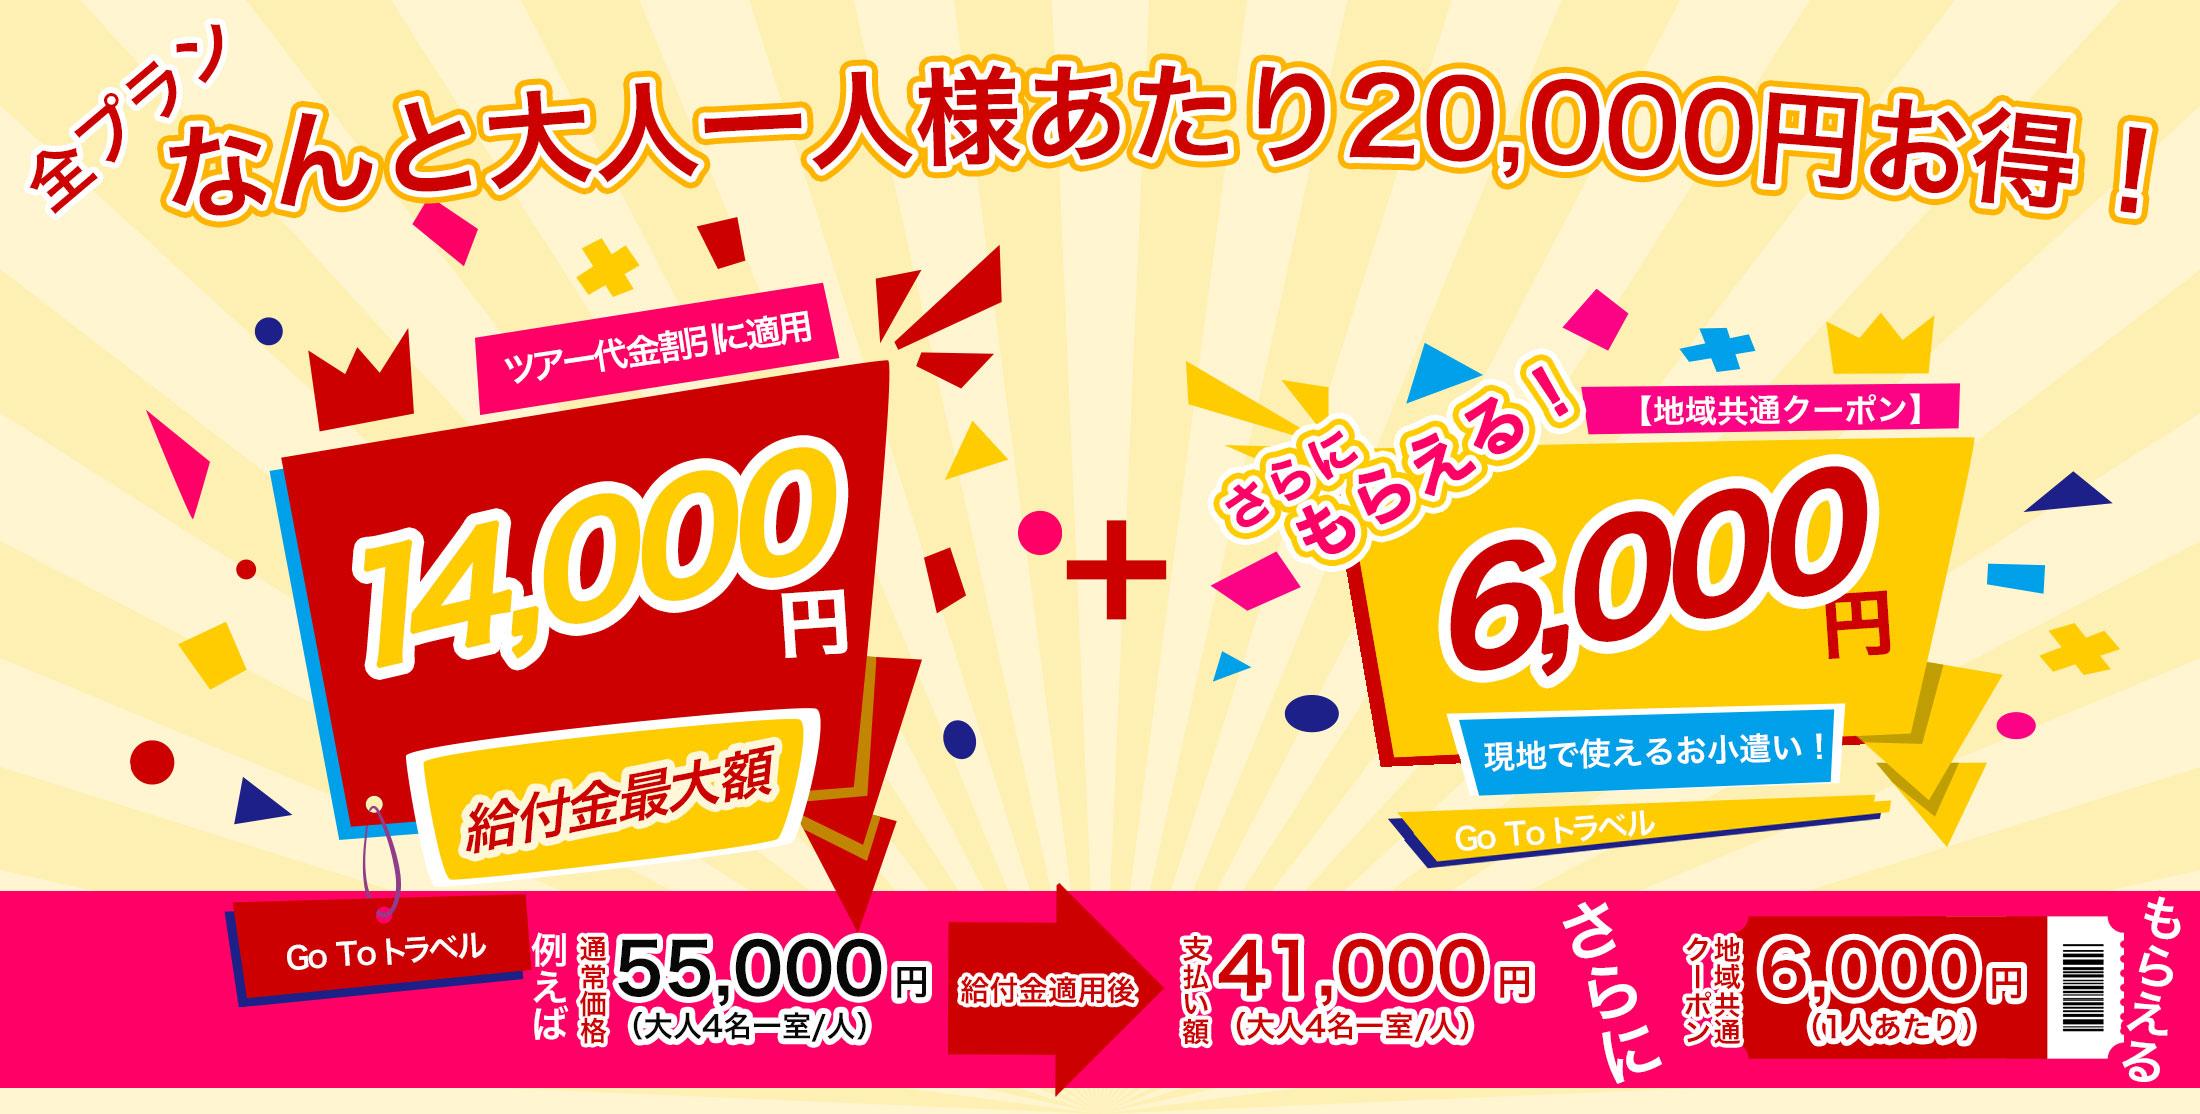 Go To トラベル事業支援対象。なんと大人お一人様あたり20,000円お得!